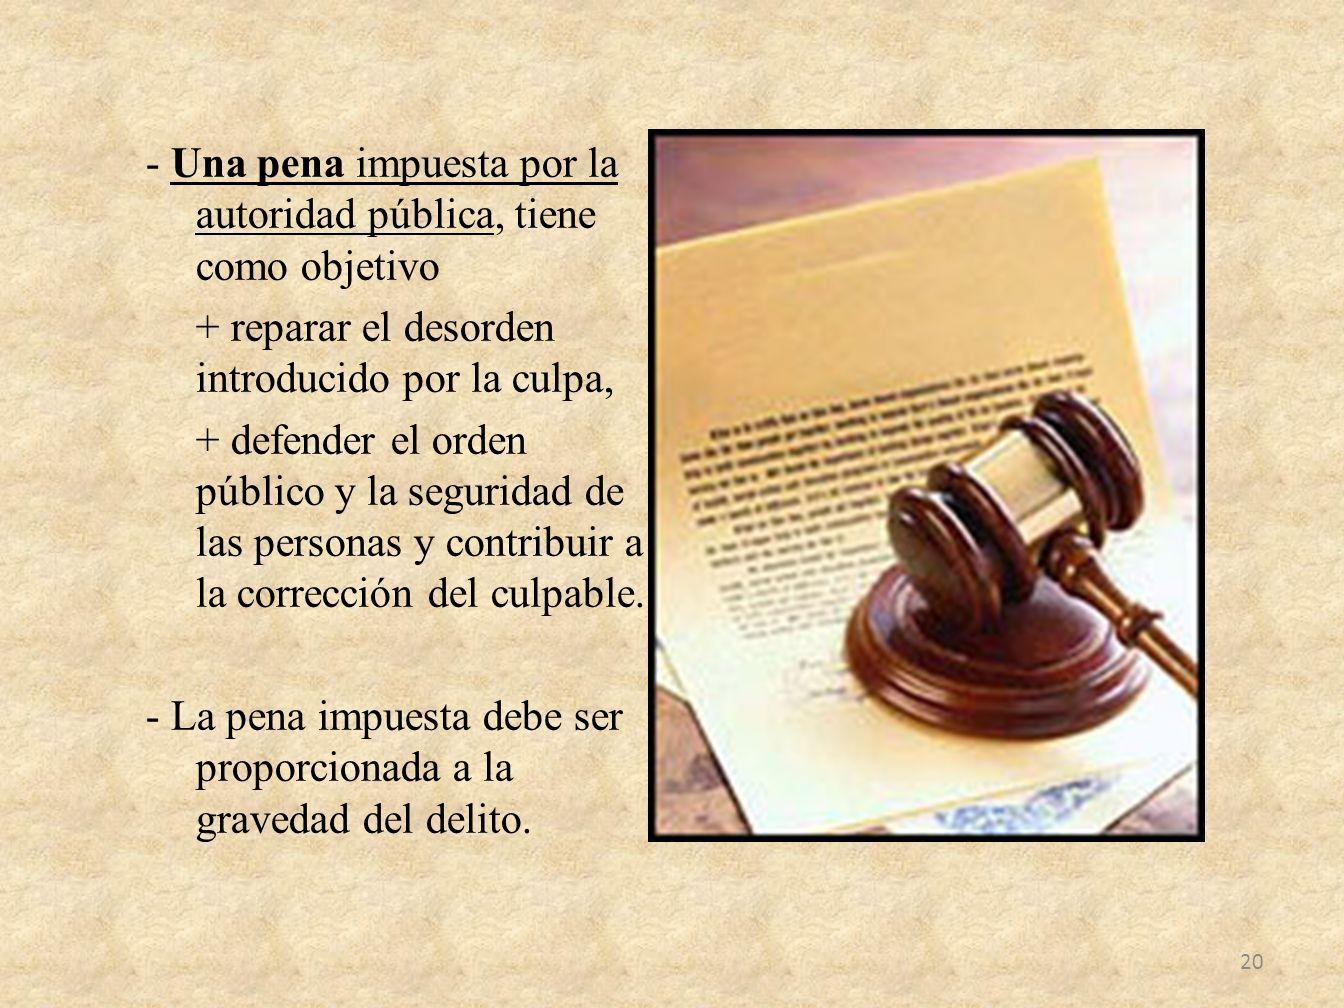 - Una pena impuesta por la autoridad pública, tiene como objetivo + reparar el desorden introducido por la culpa, + defender el orden público y la seg